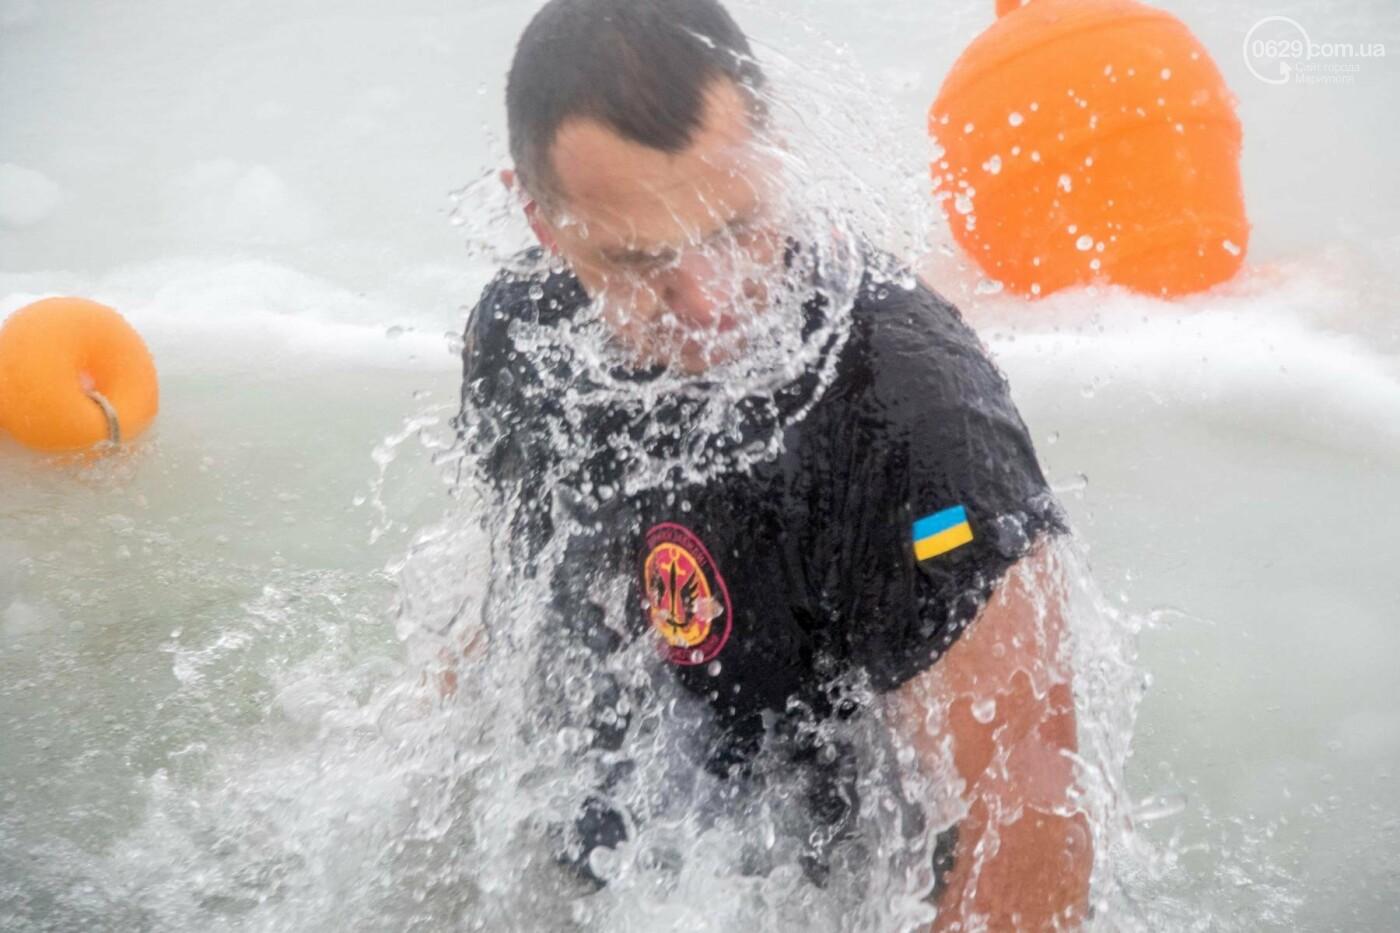 Голые и освященные: крещенский фоторепортаж 0629.com.ua, фото-2